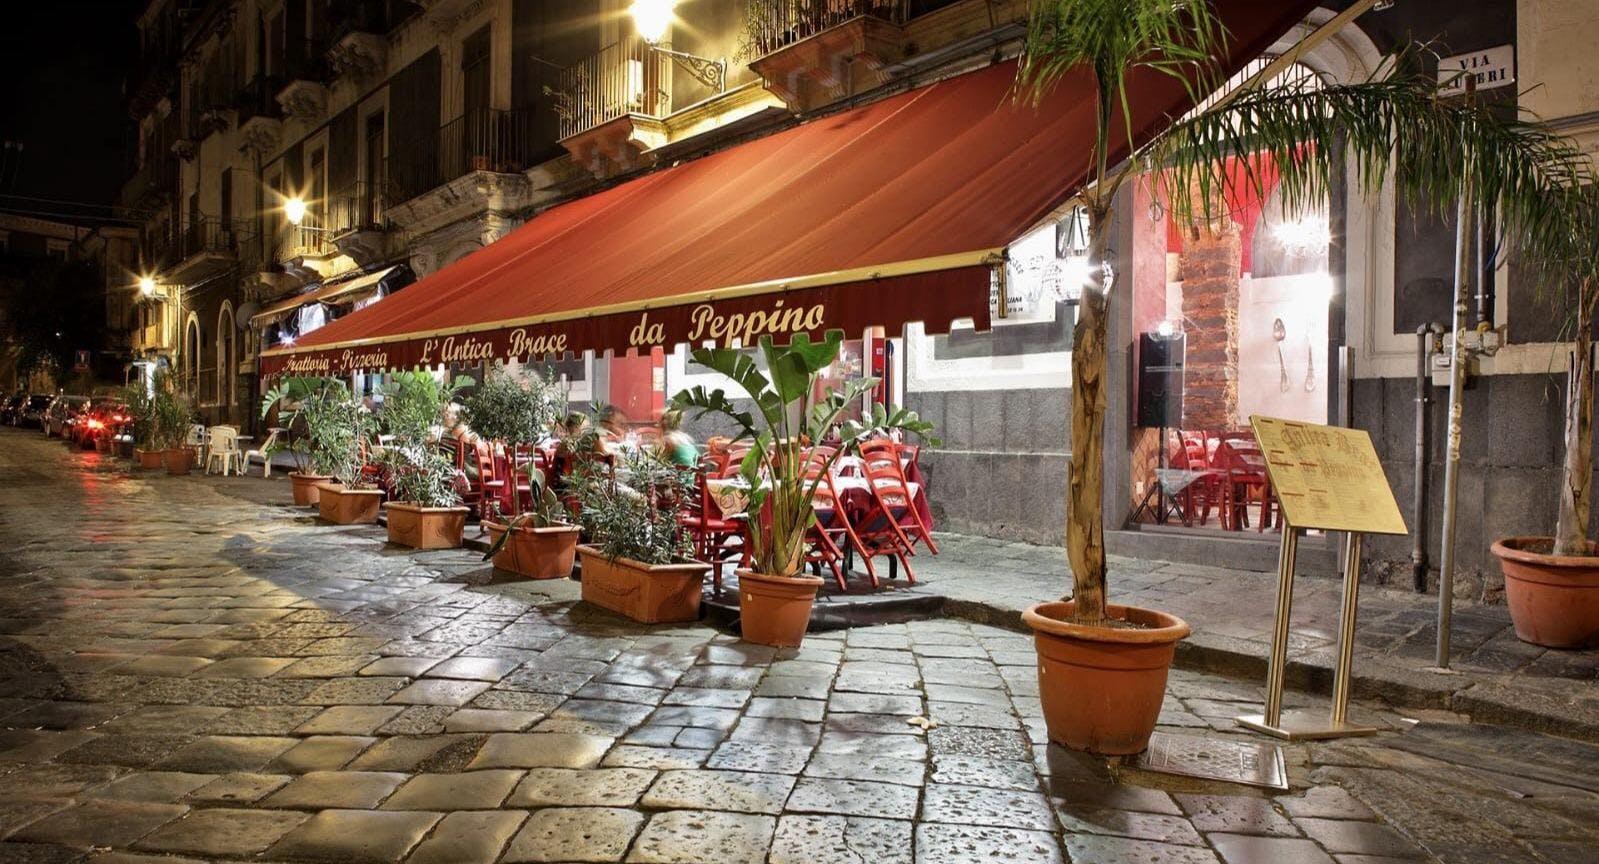 L' Antica Brace da Peppino Catania image 1